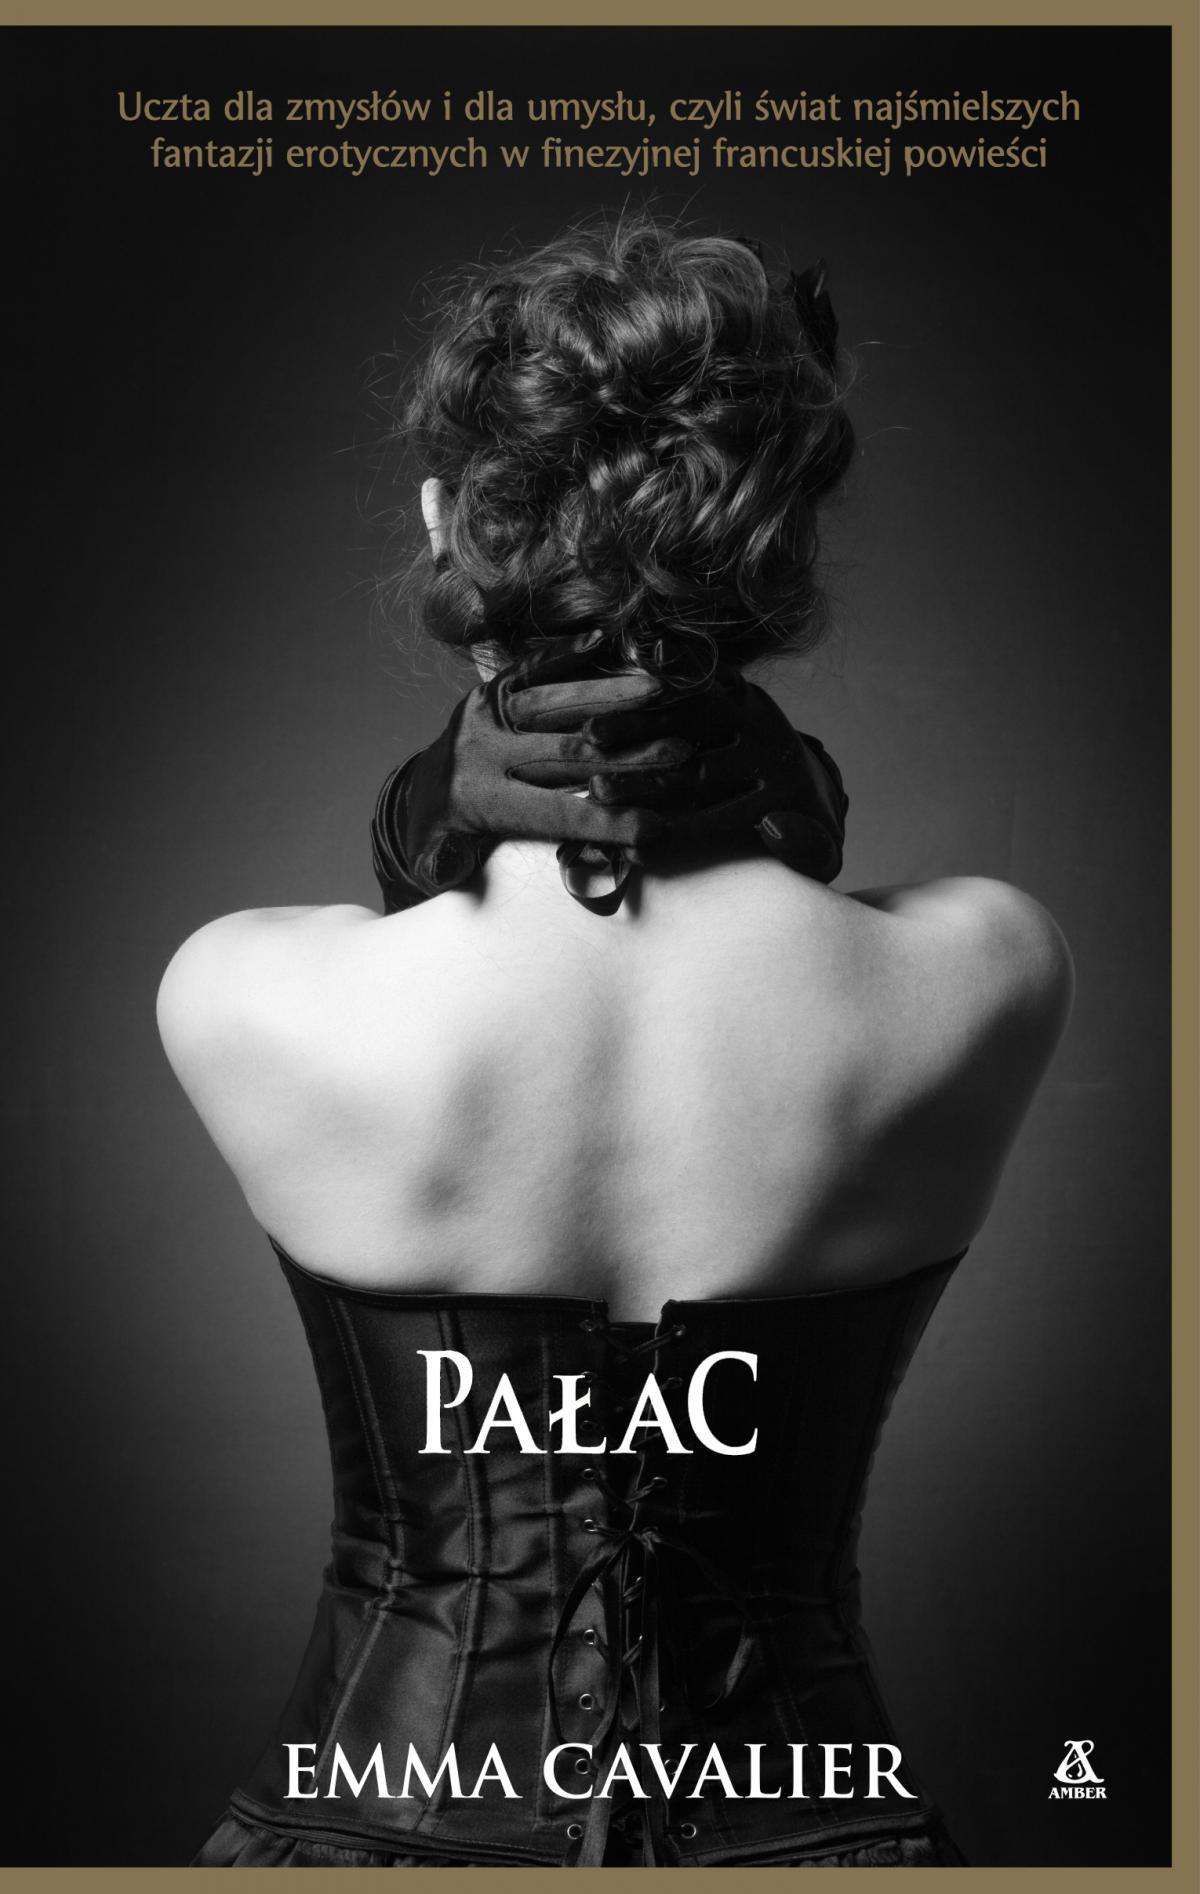 Pałac - Ebook (Książka EPUB) do pobrania w formacie EPUB